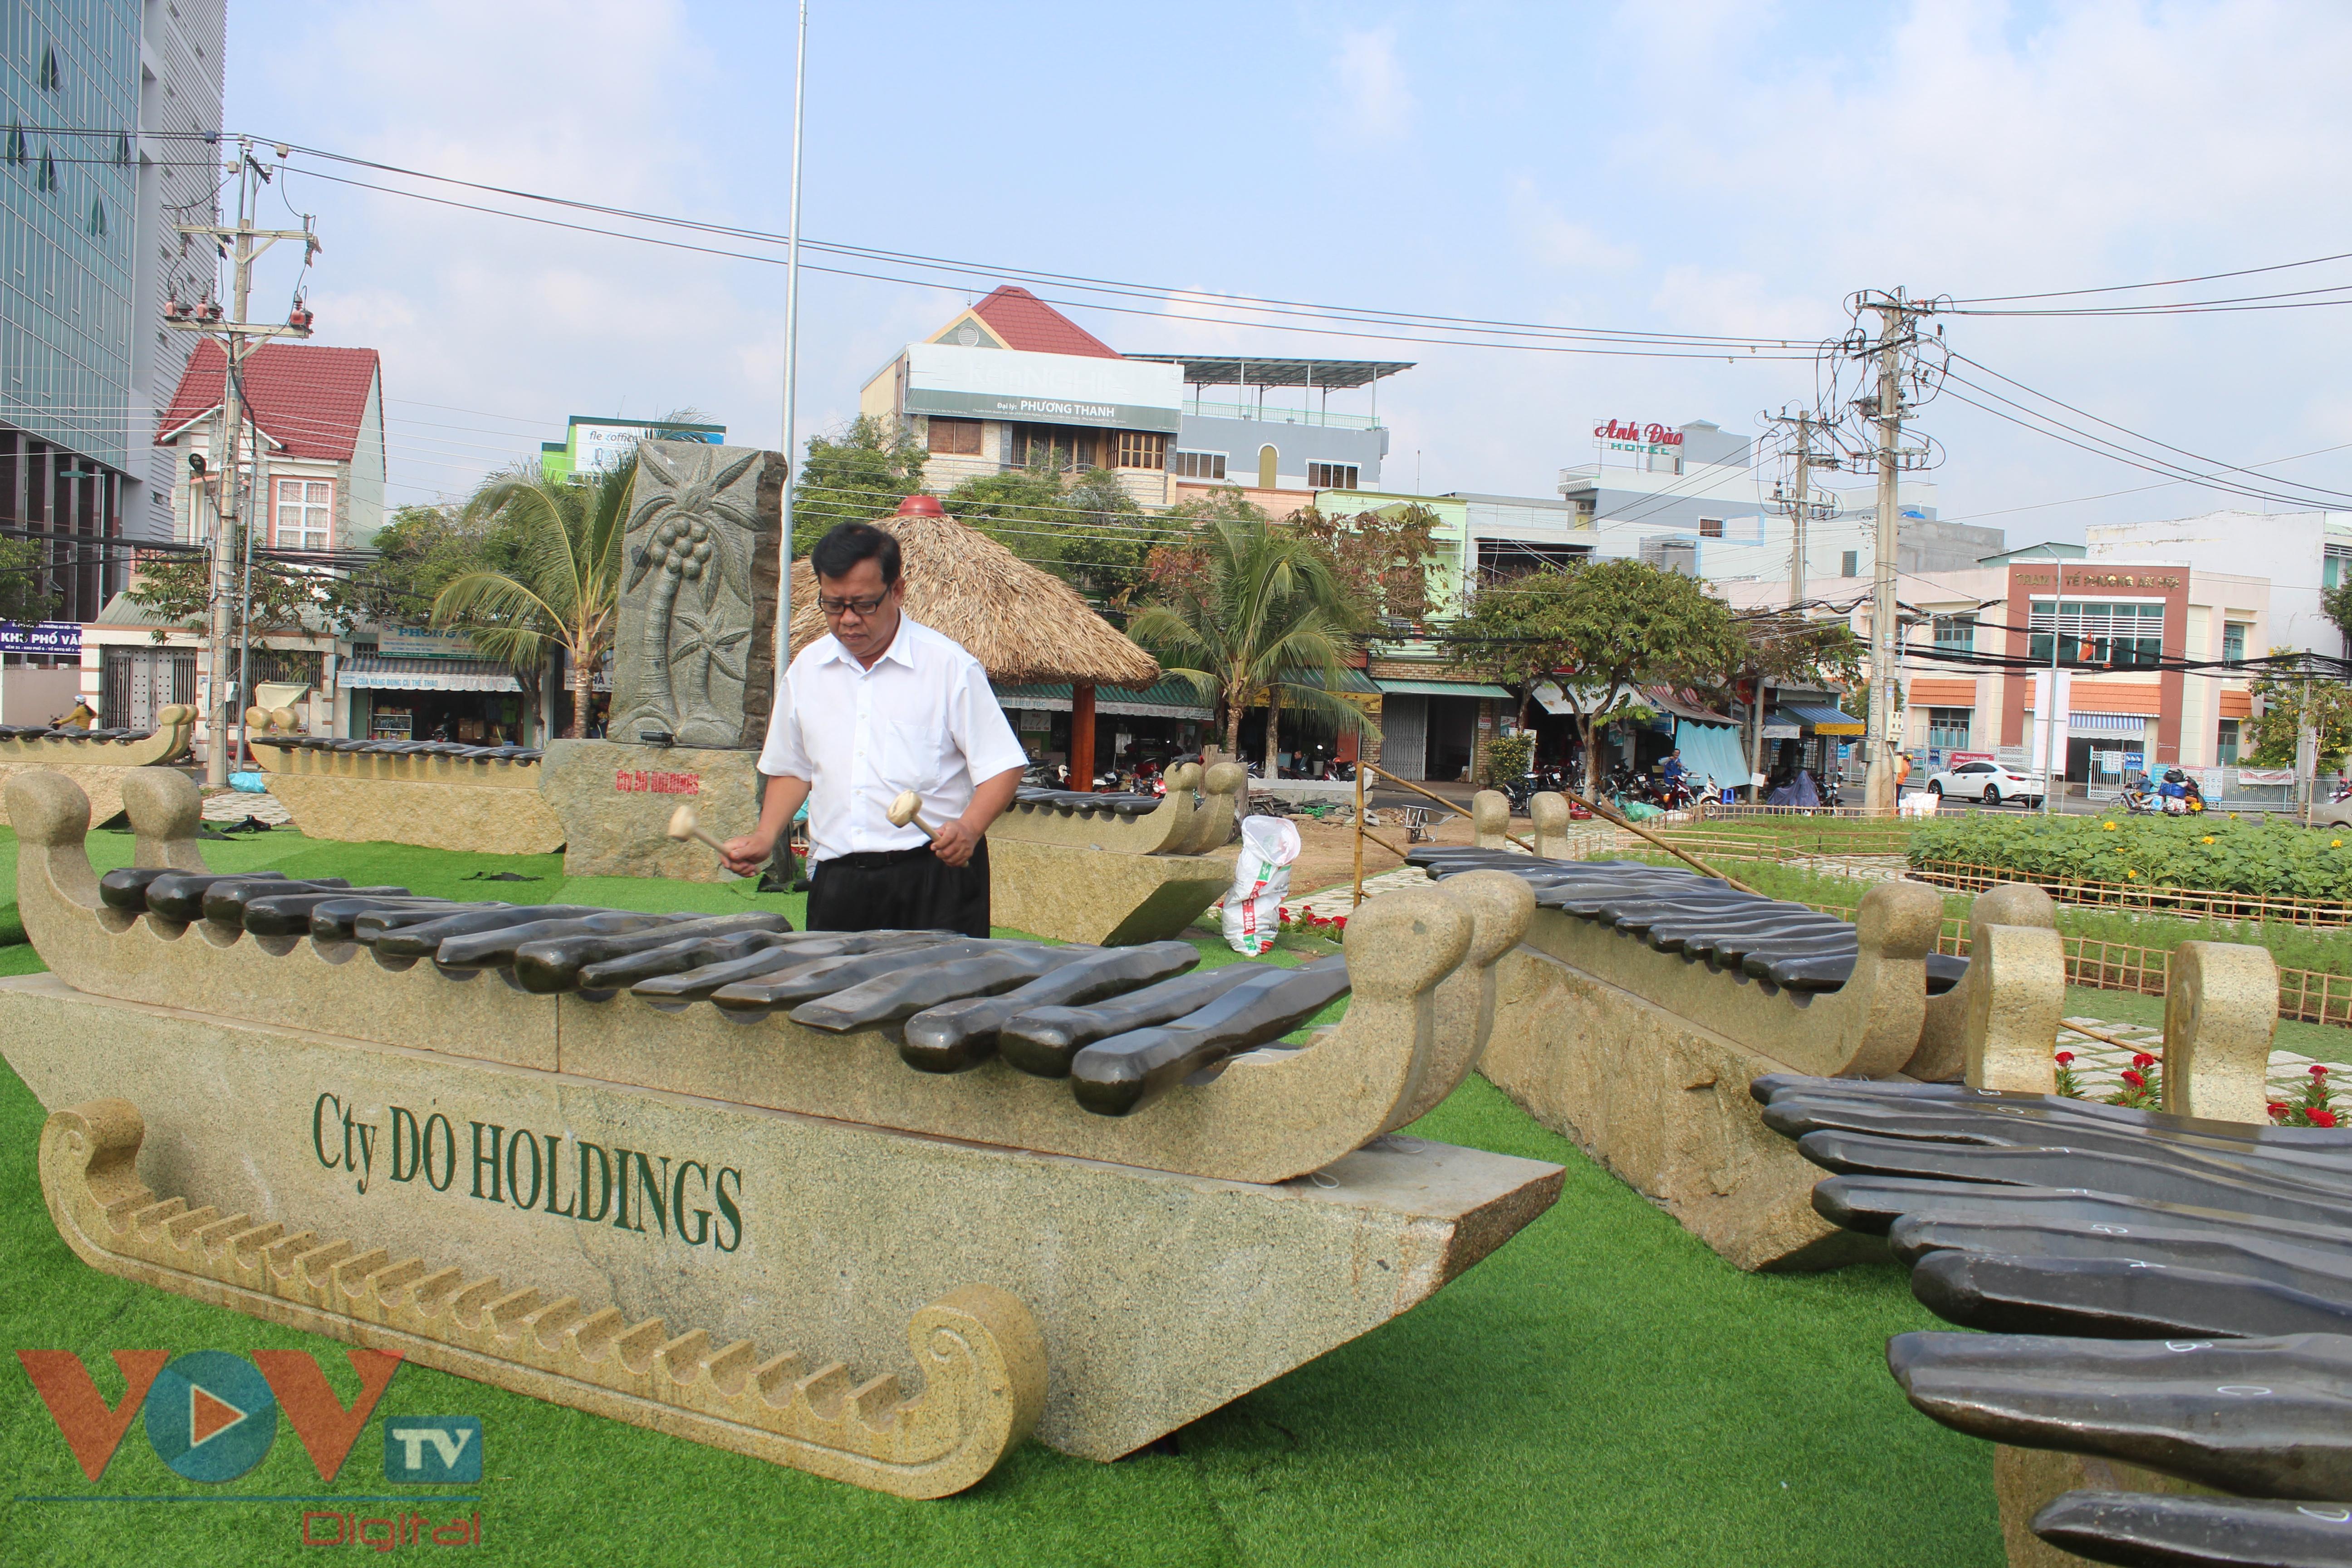 Bộ đàn đá lớn nhất Việt Nam vừa lắp đặt tại công viên Bến Tre.jpg